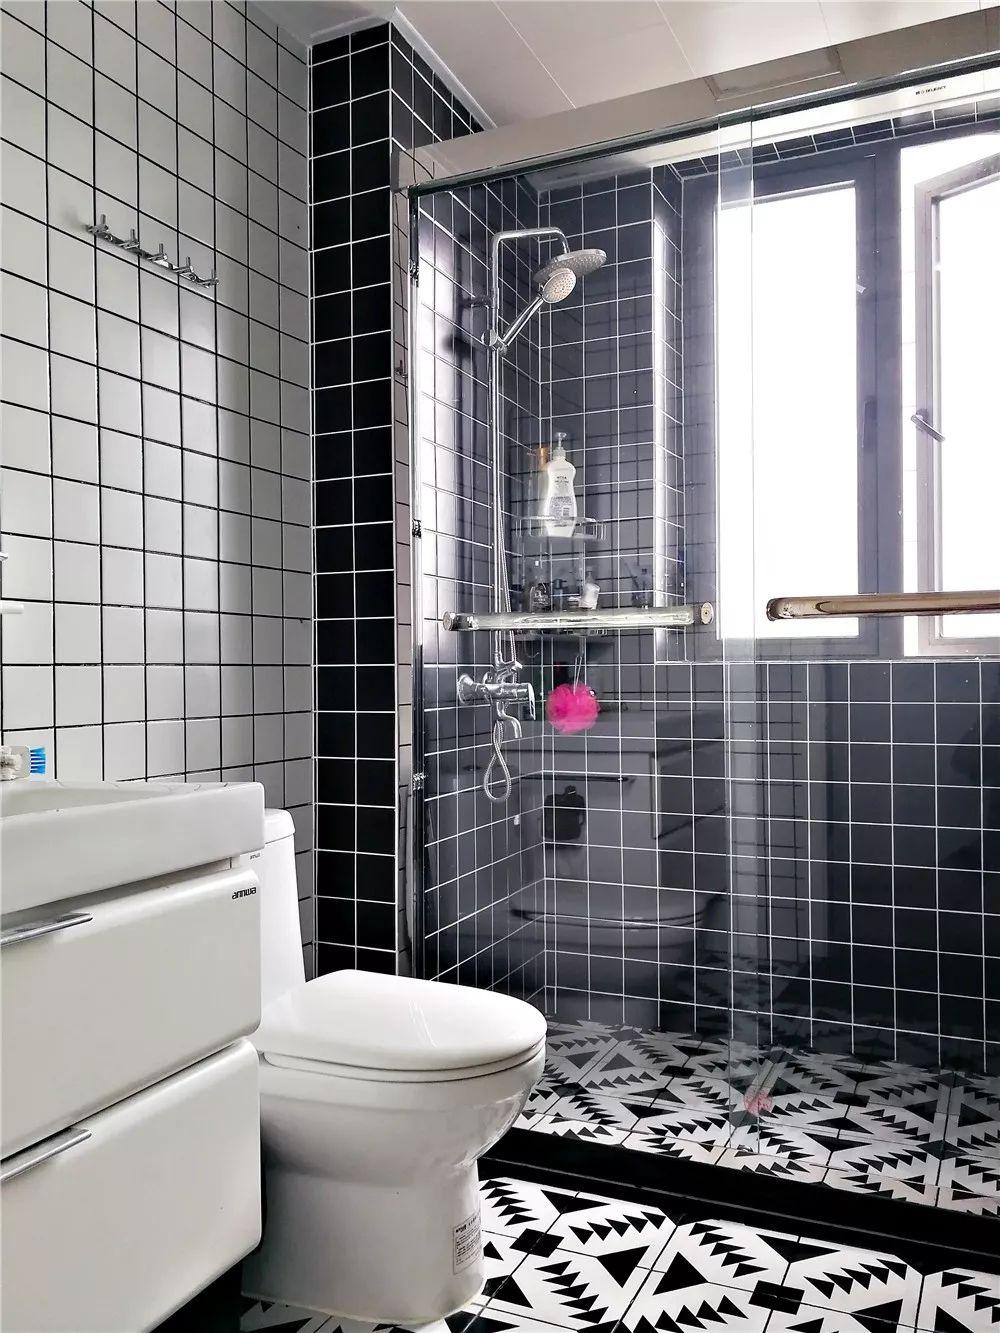 客卫用黑白颜色来分割干湿区,将黑白配贯彻到底。